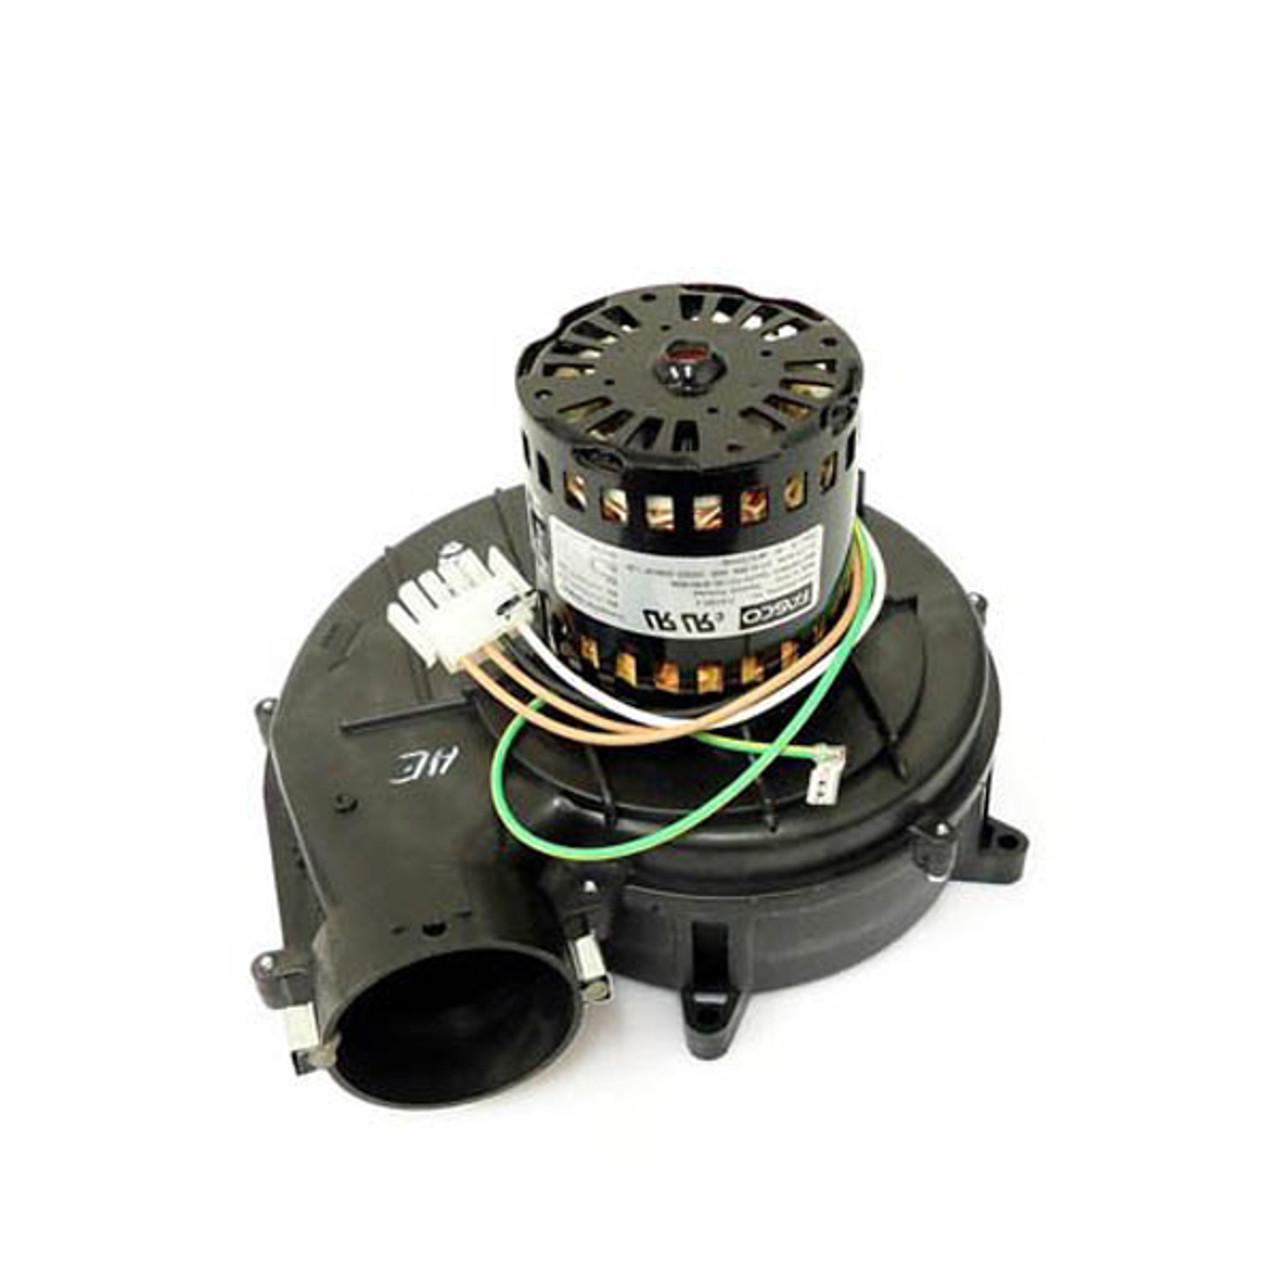 Rheem Rudd Water Heater Draft Inducer Blower (70-24033-01